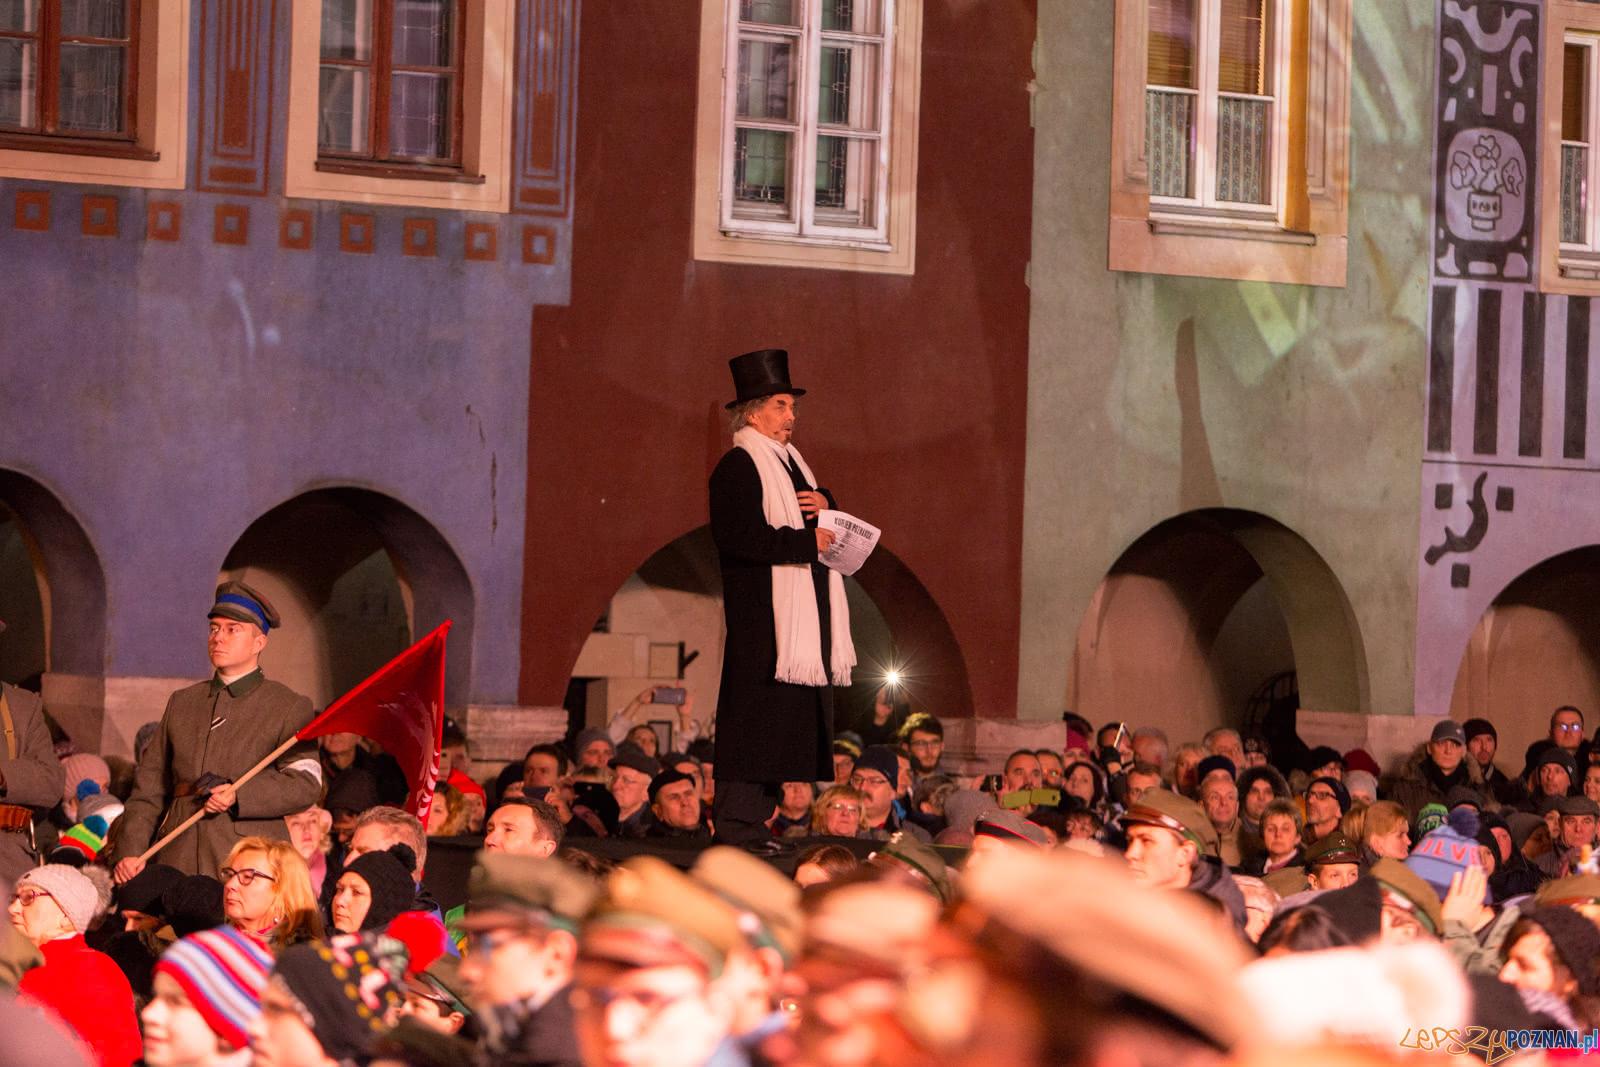 """""""Wielkopolanie śpiewają Niepodległej. W chwilach próby zwycięstwo!"""" - Poznań 28.12.2018 r.  Foto: LepszyPOZNAN.pl / Paweł Rychter"""